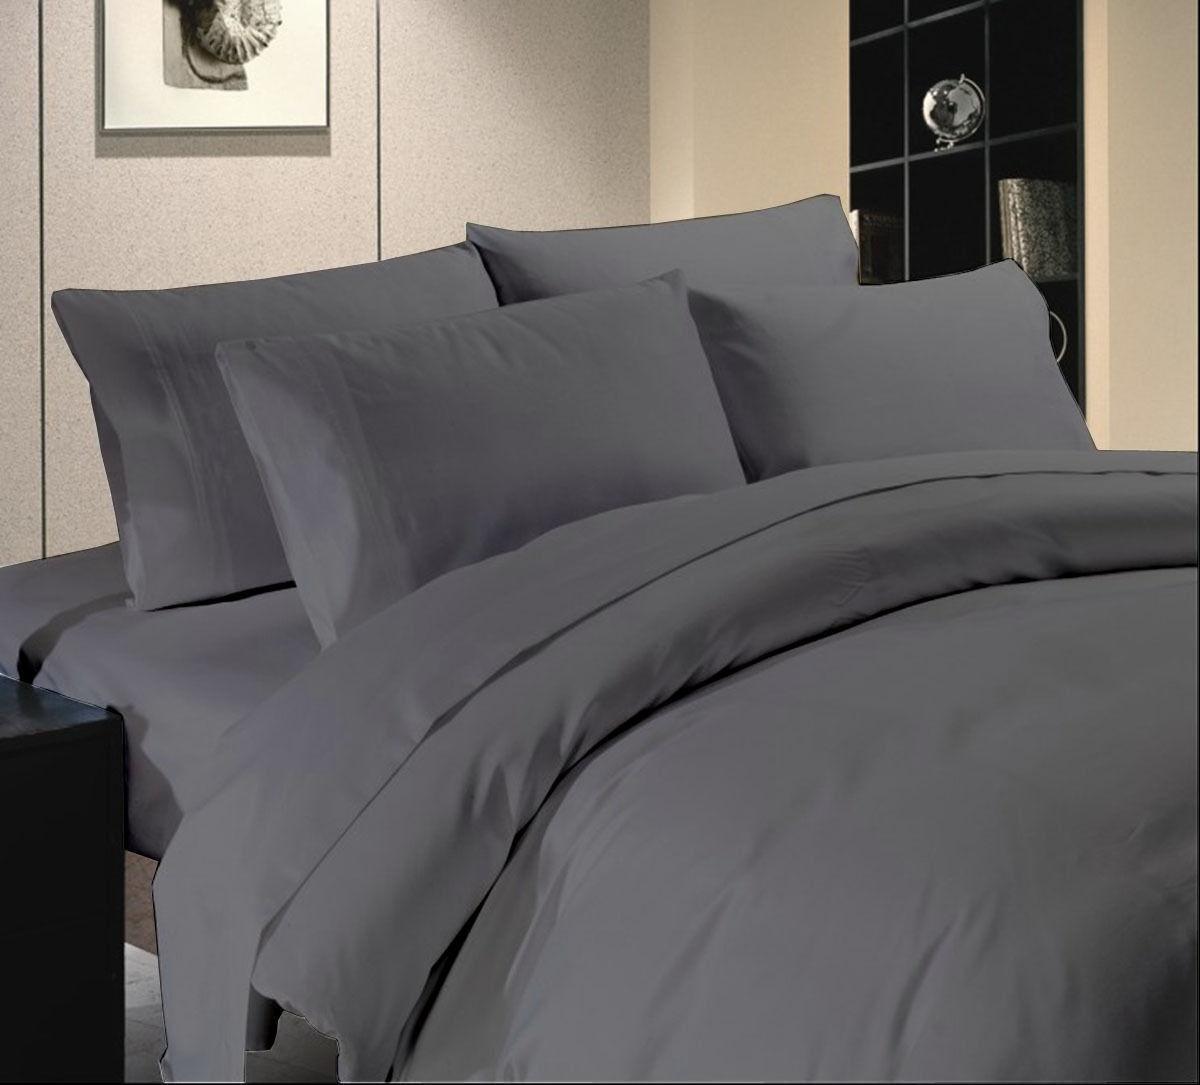 Bettbezug Set King Größe Grau Massiv 1000 Fadenzahl 100% Ägyptische Baumwolle